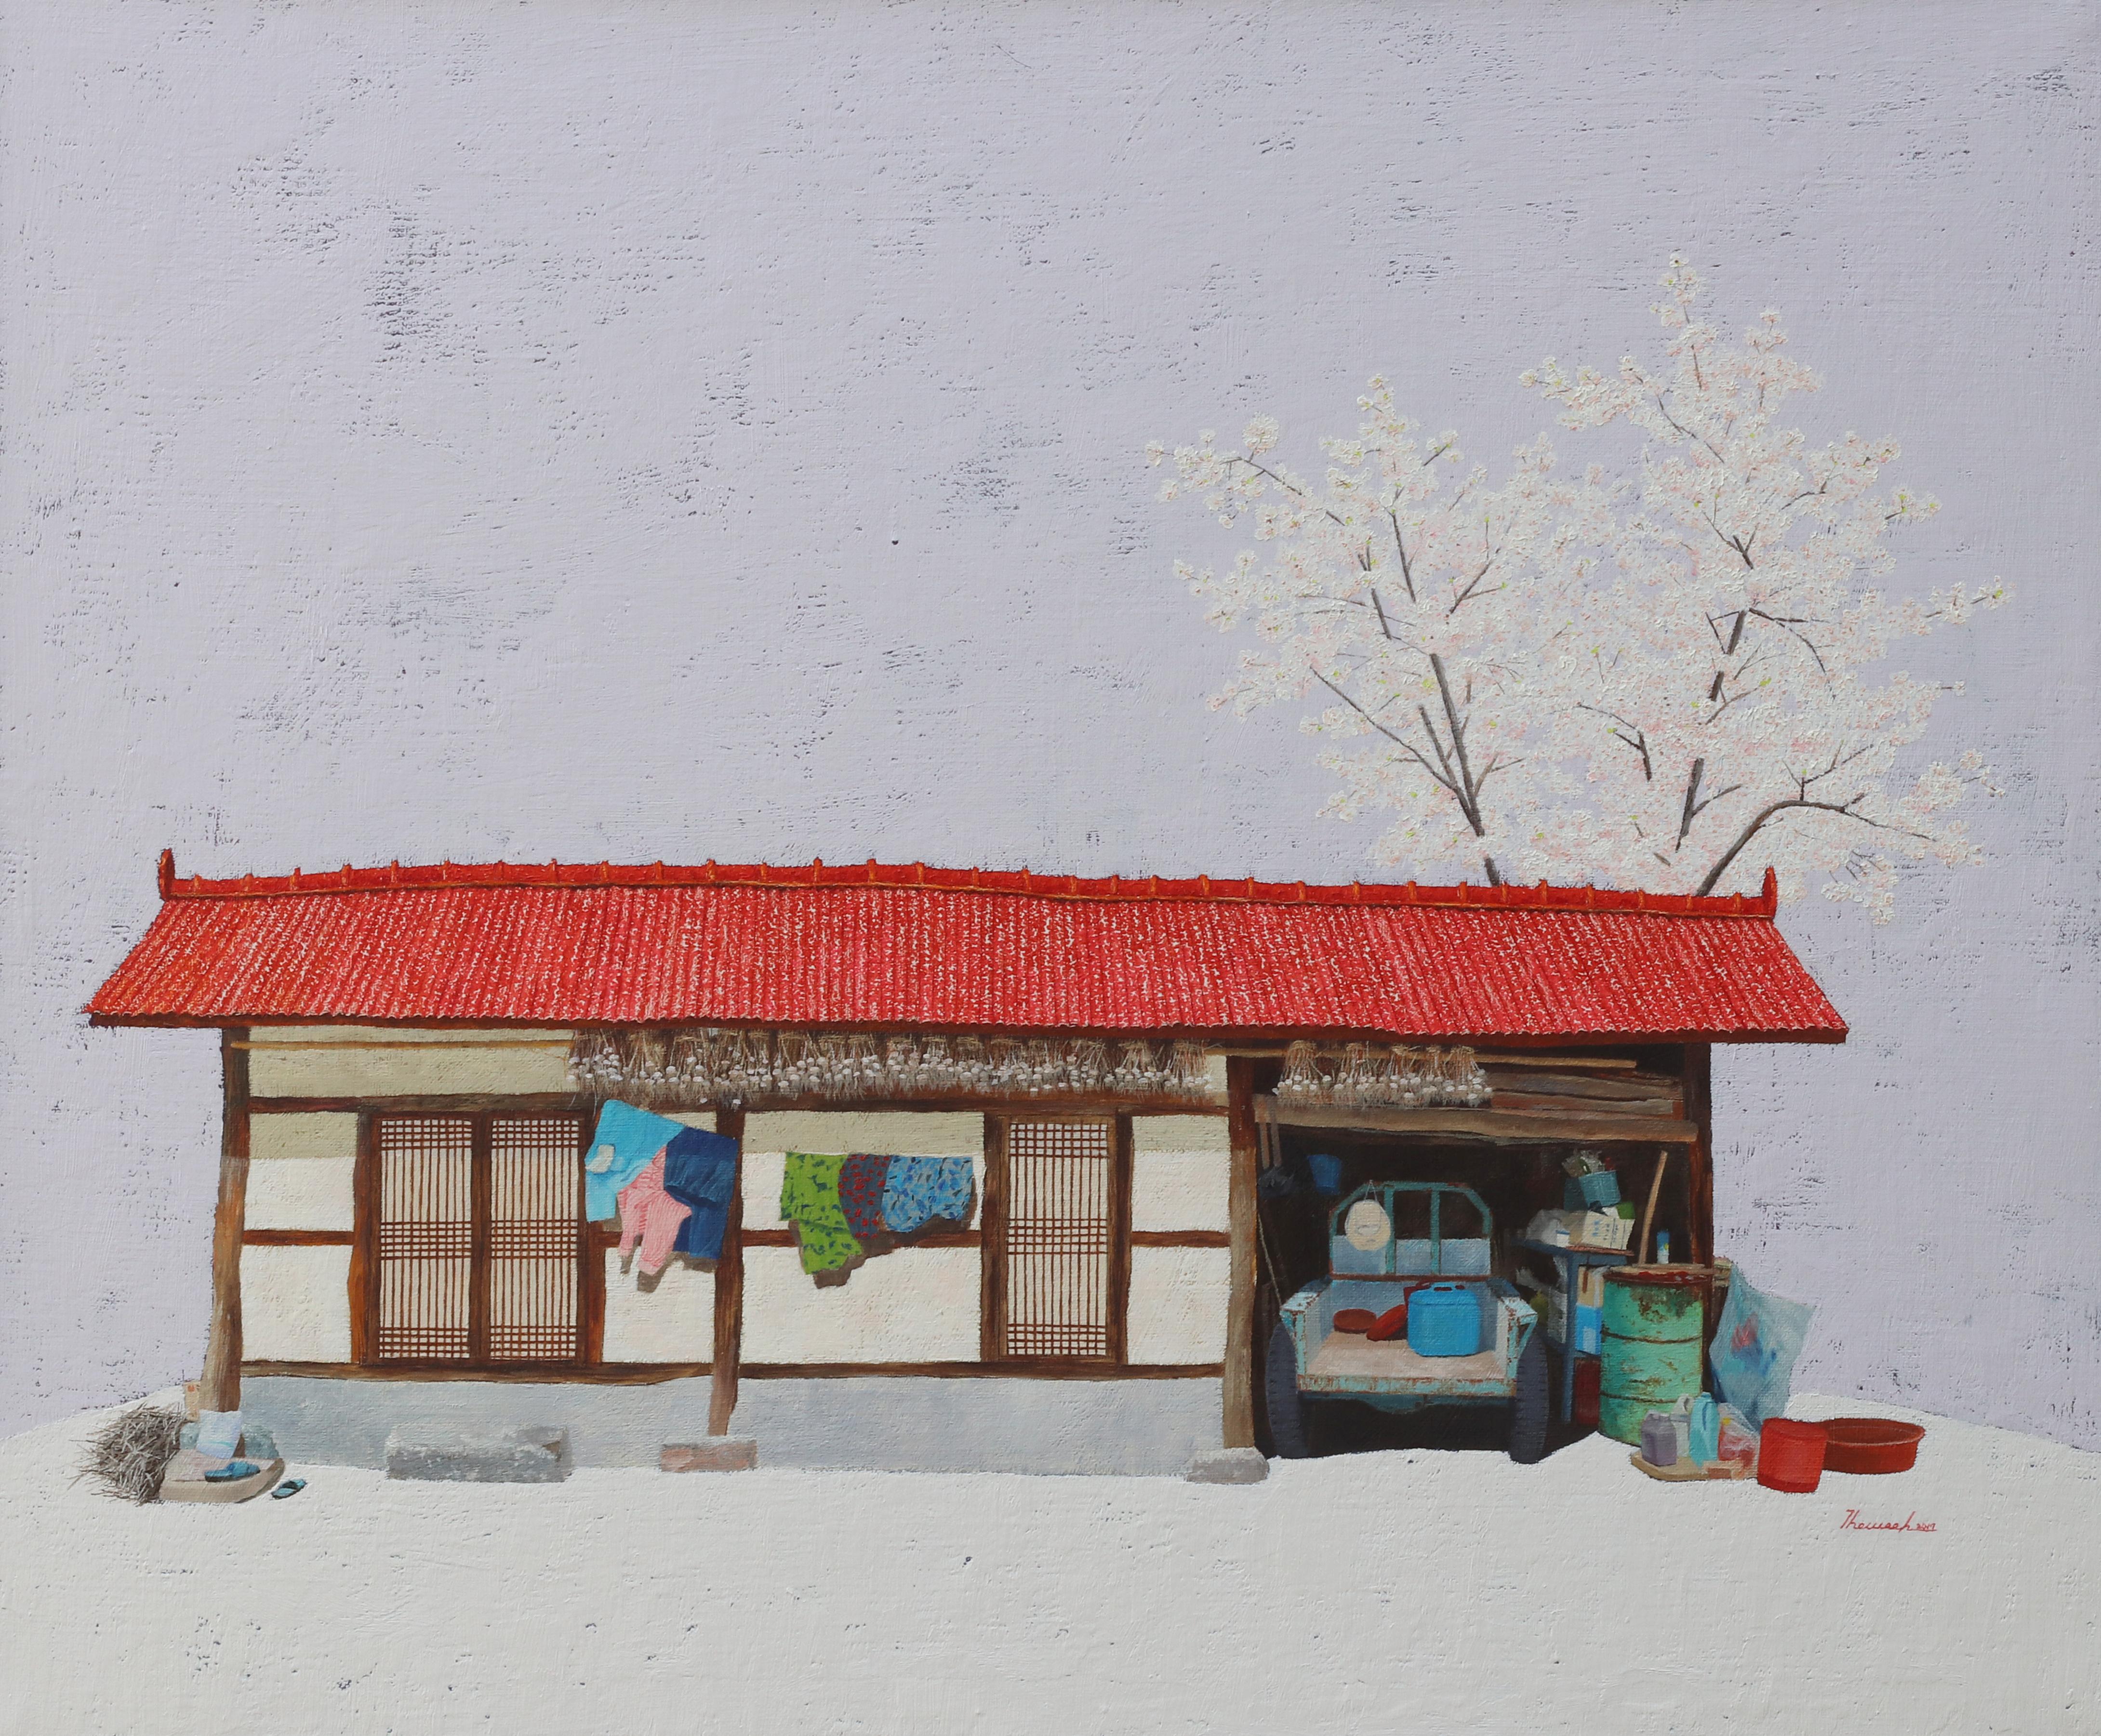 김용일, 병렬이네사랑방, 60.6x72.7cm, oil on canvas, 2017